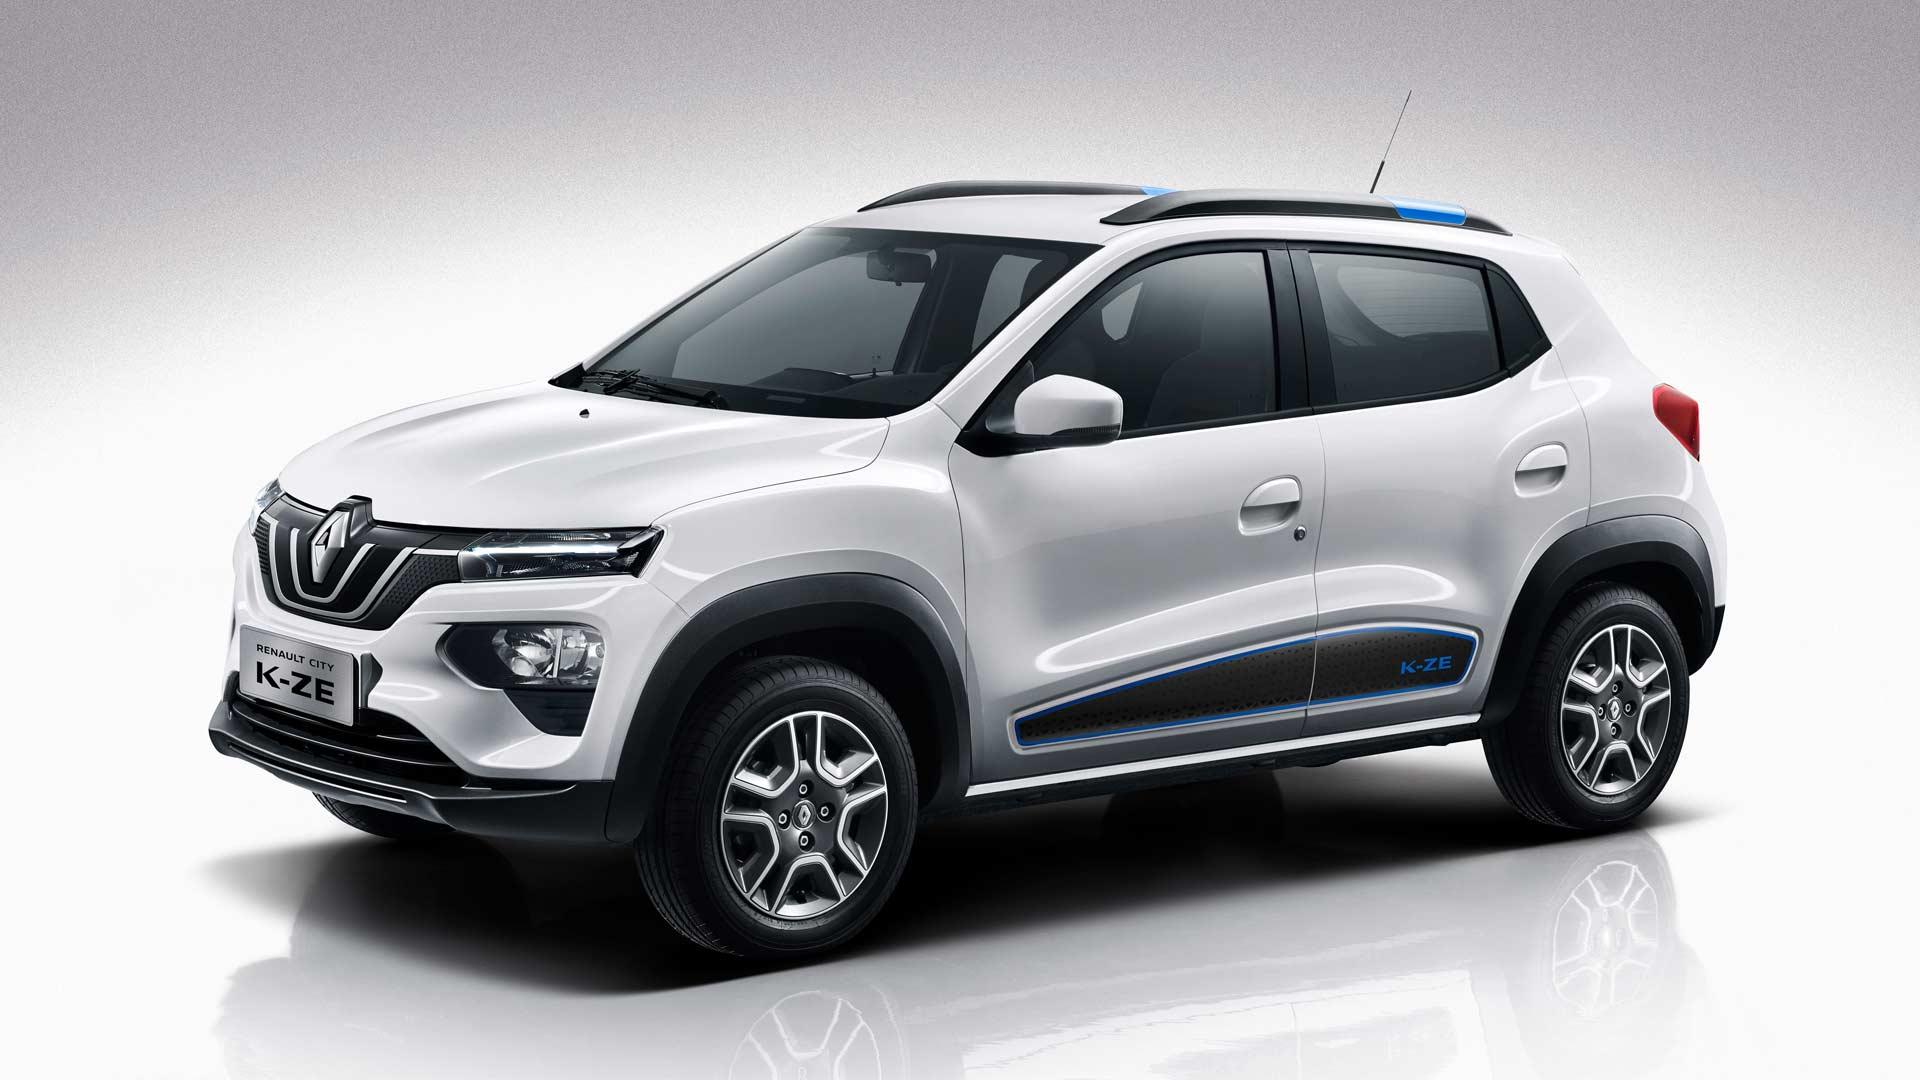 2019-Renault-CITY-K-ZE_5